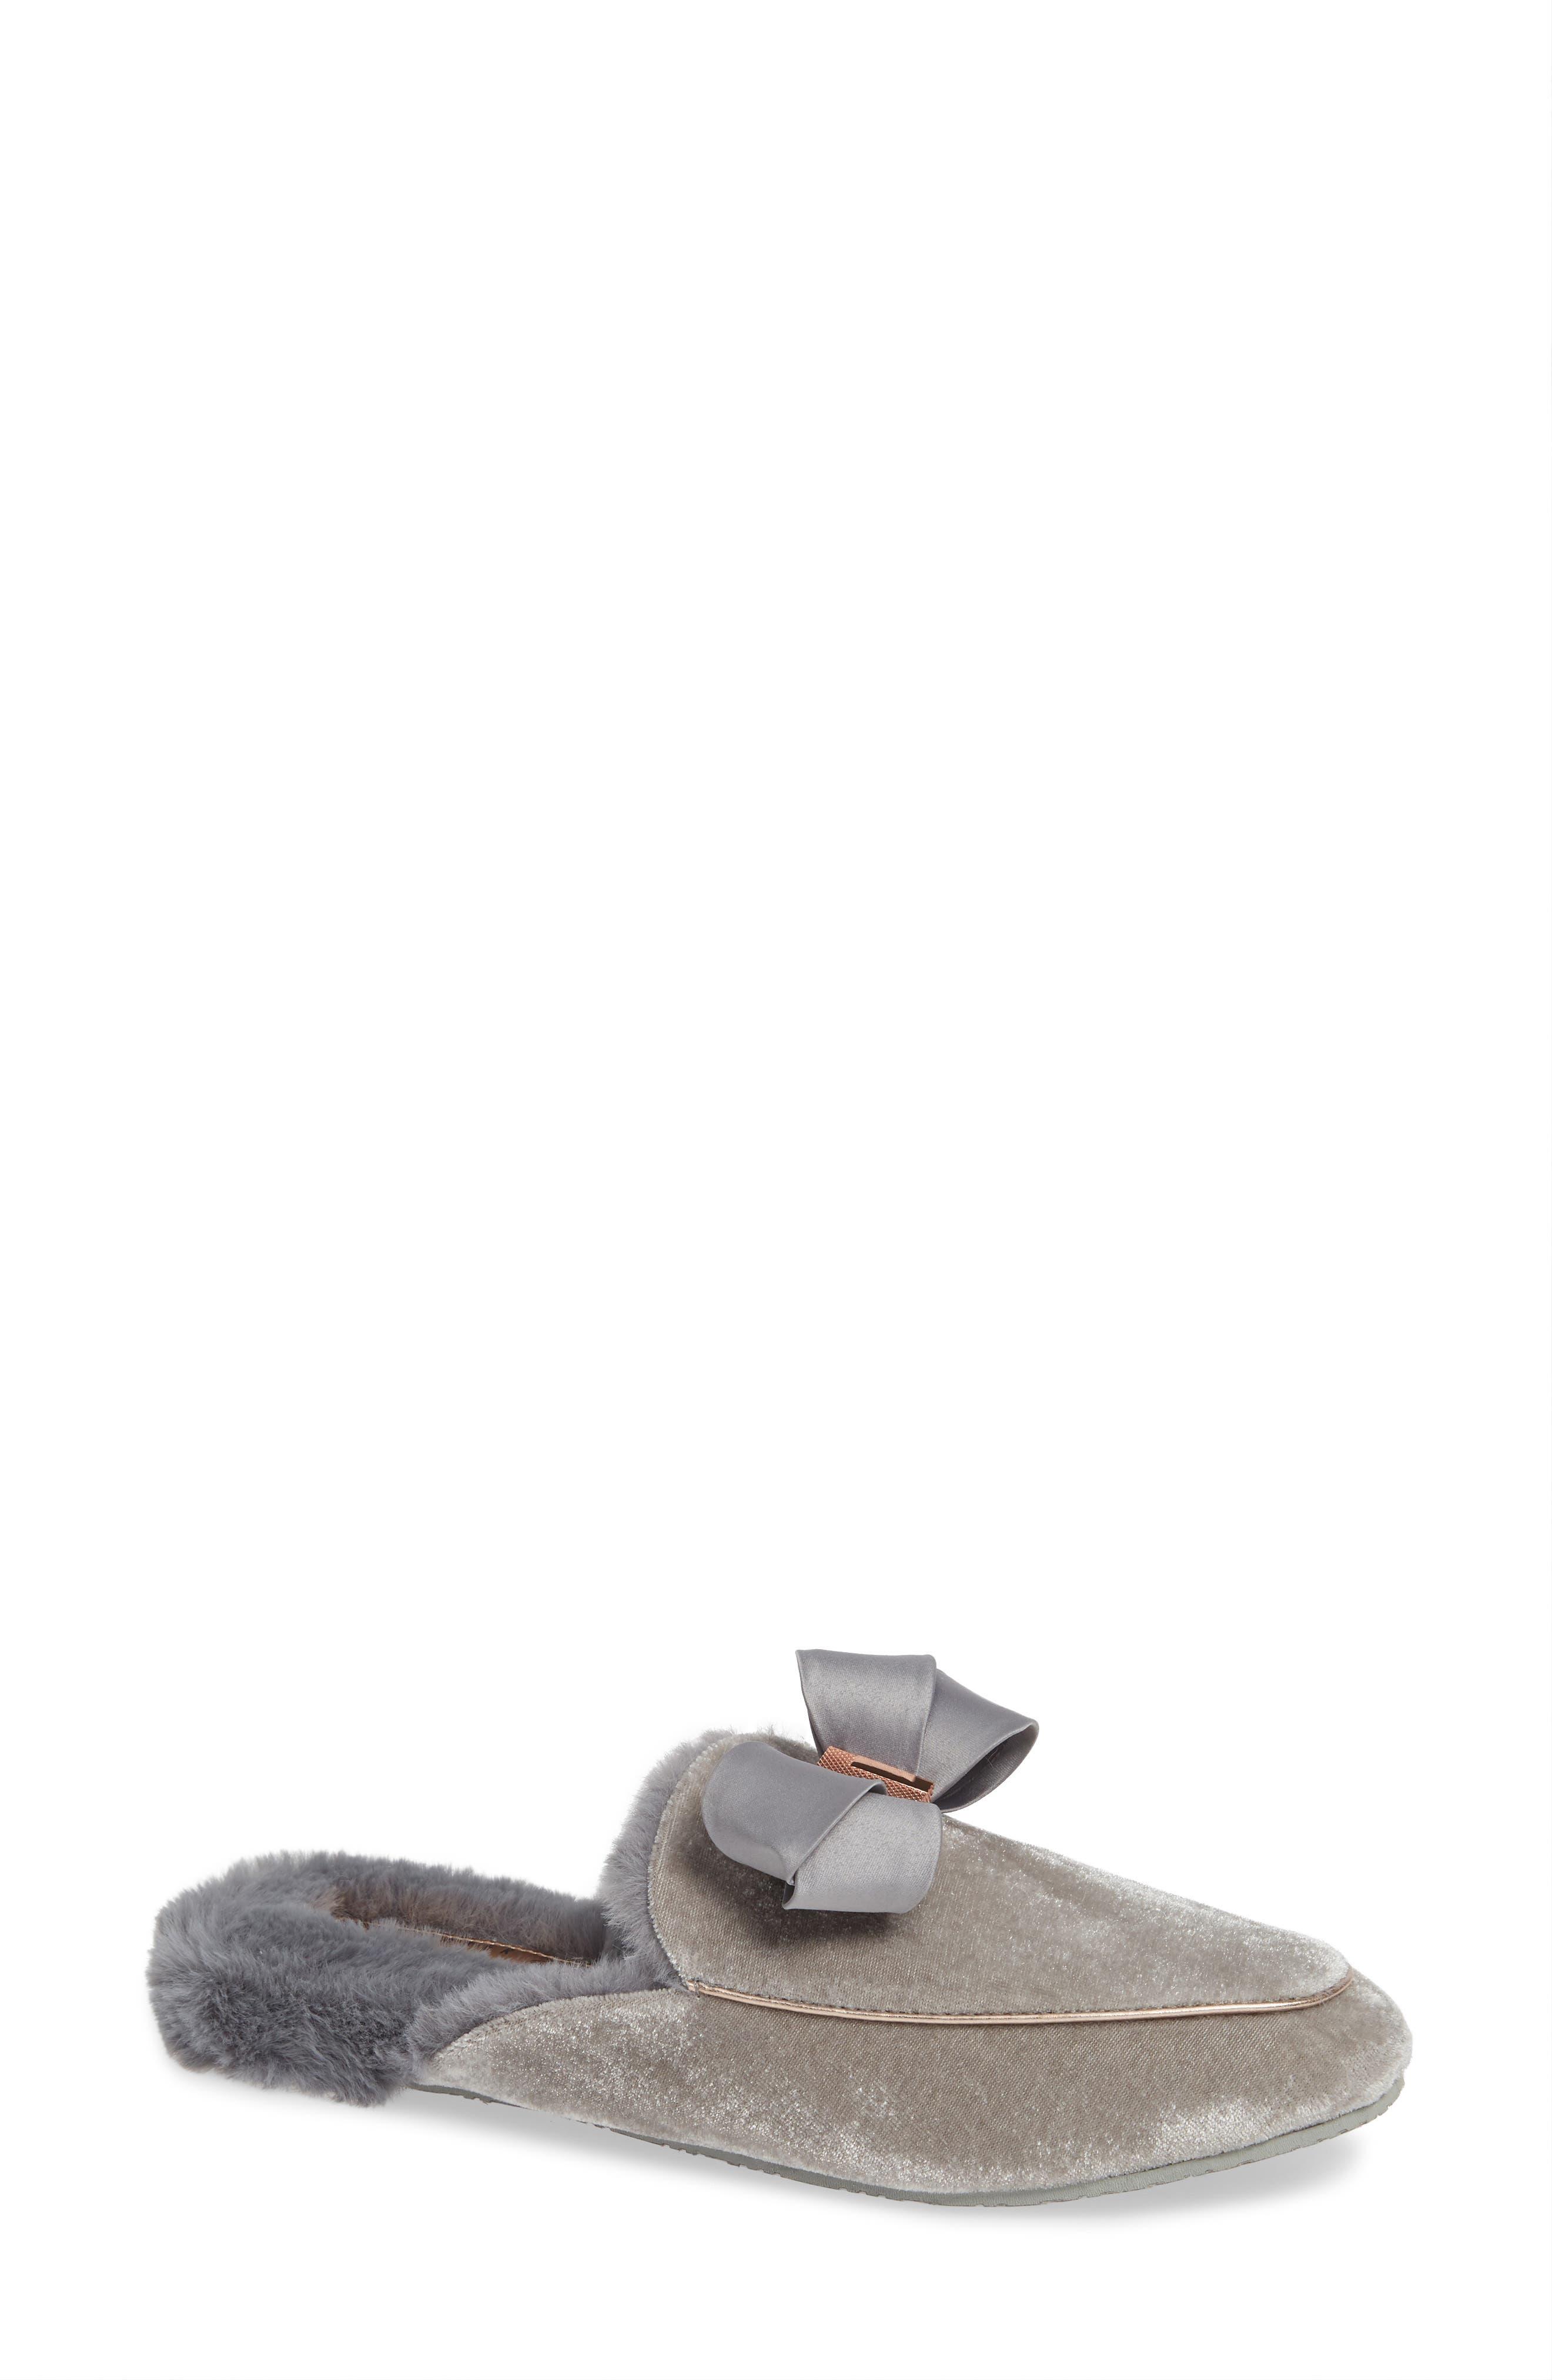 Faux Fur Slipper in Light Grey Velvet